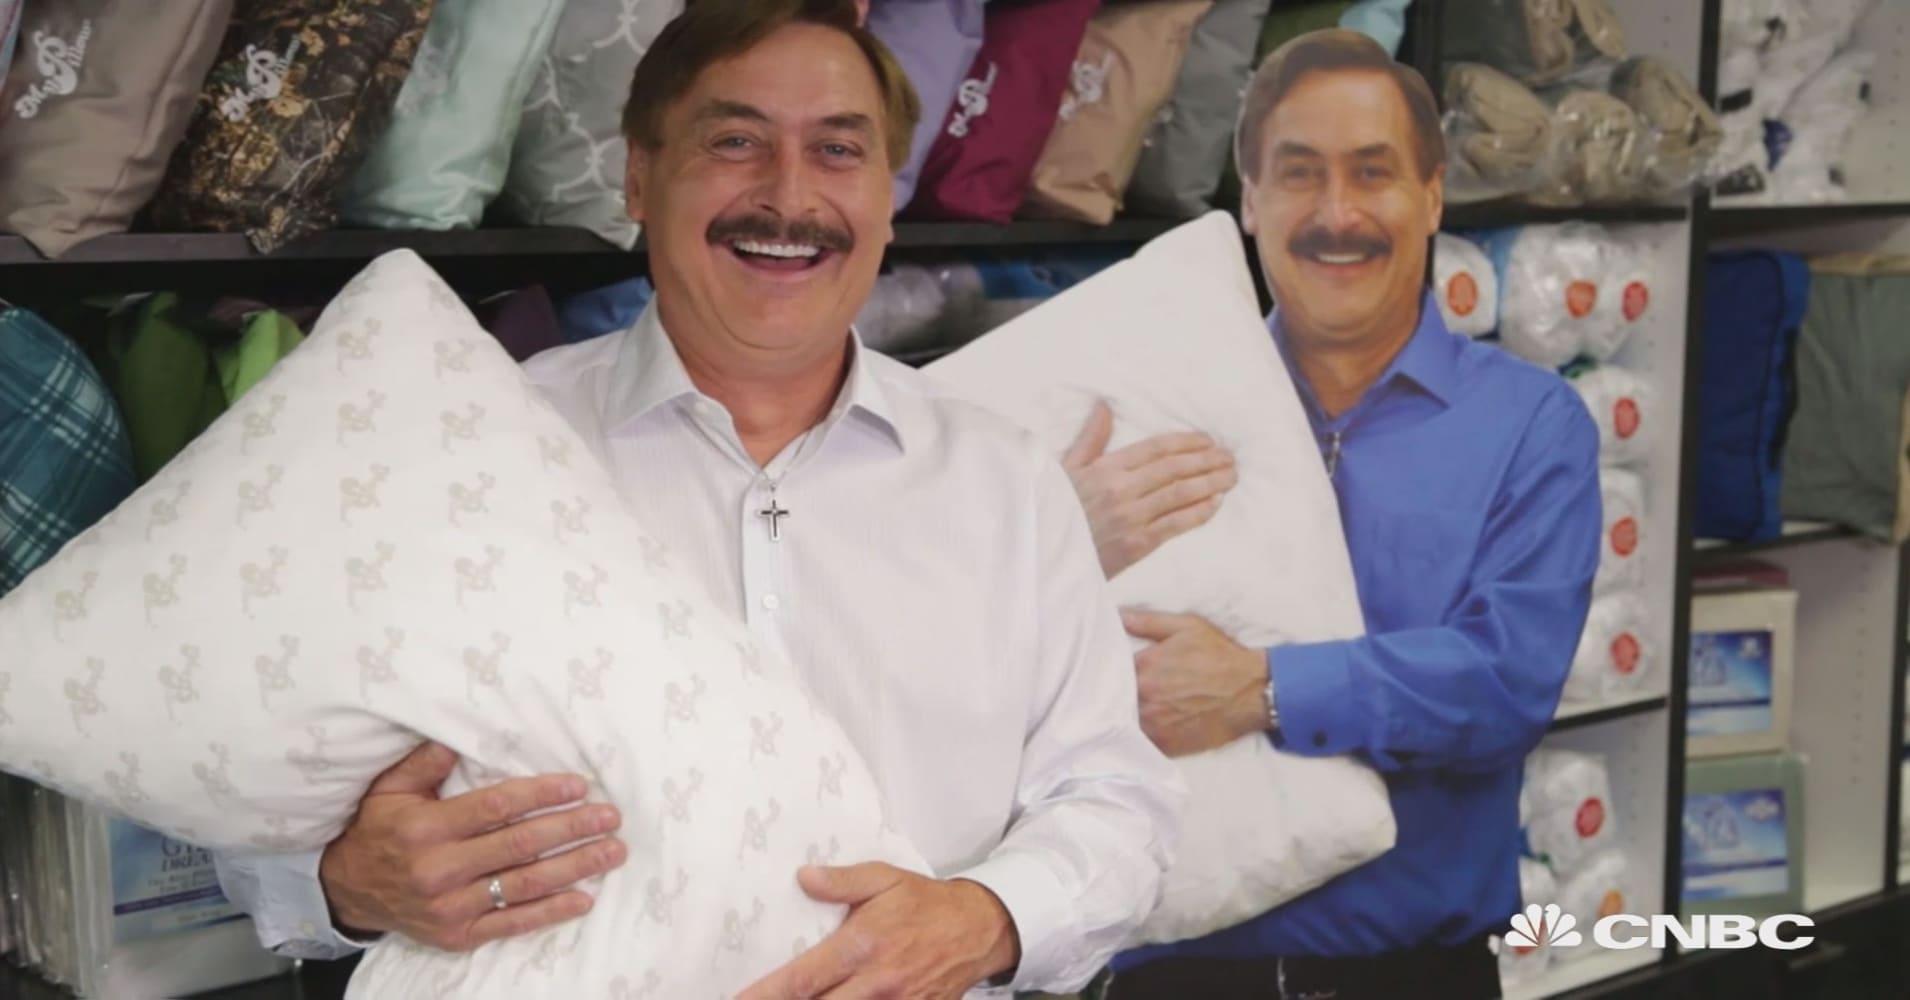 My pillow settlement checks